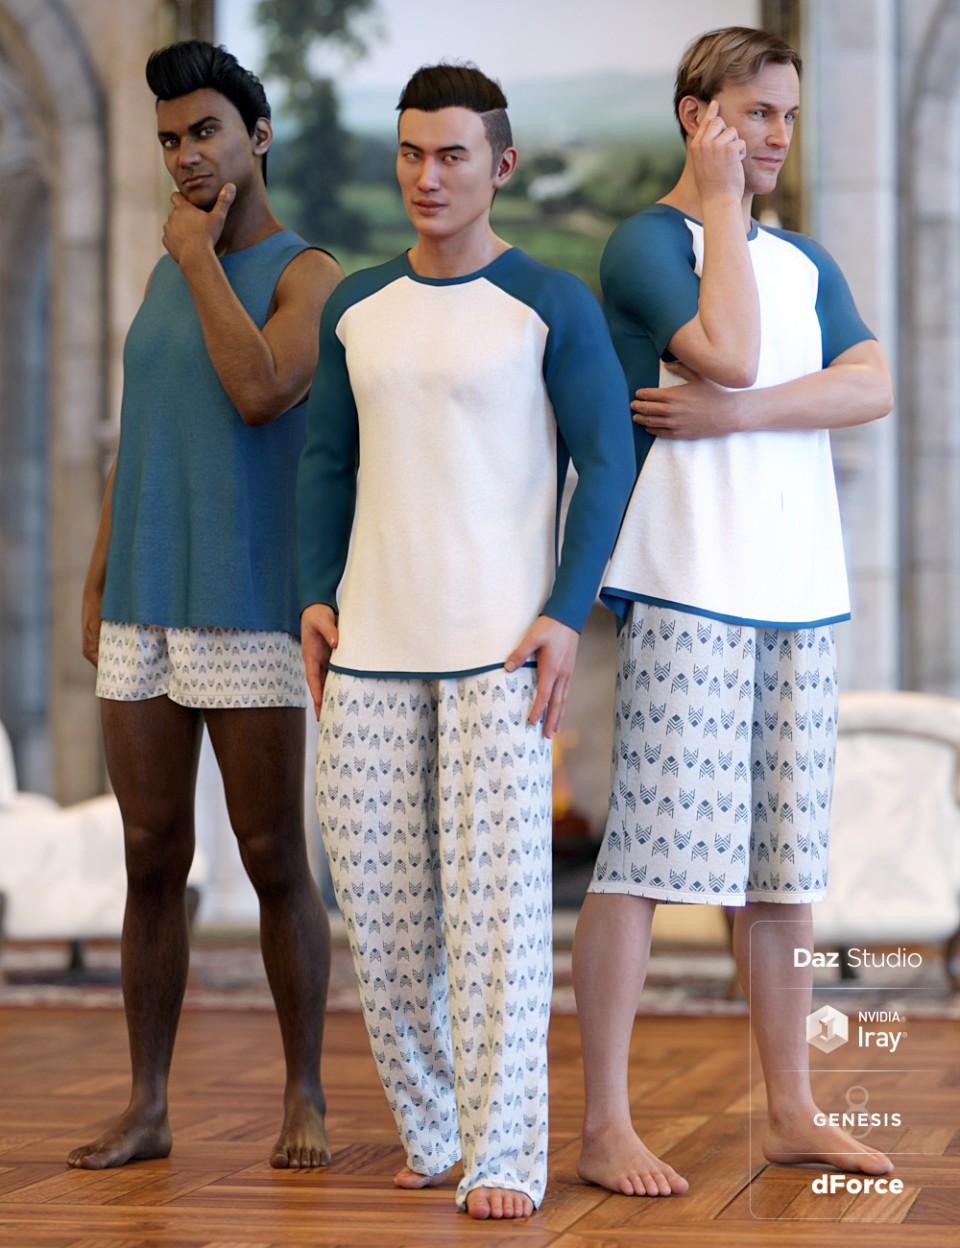 dforce-stellan-lounge-wear-for-genesis-8-male(s)